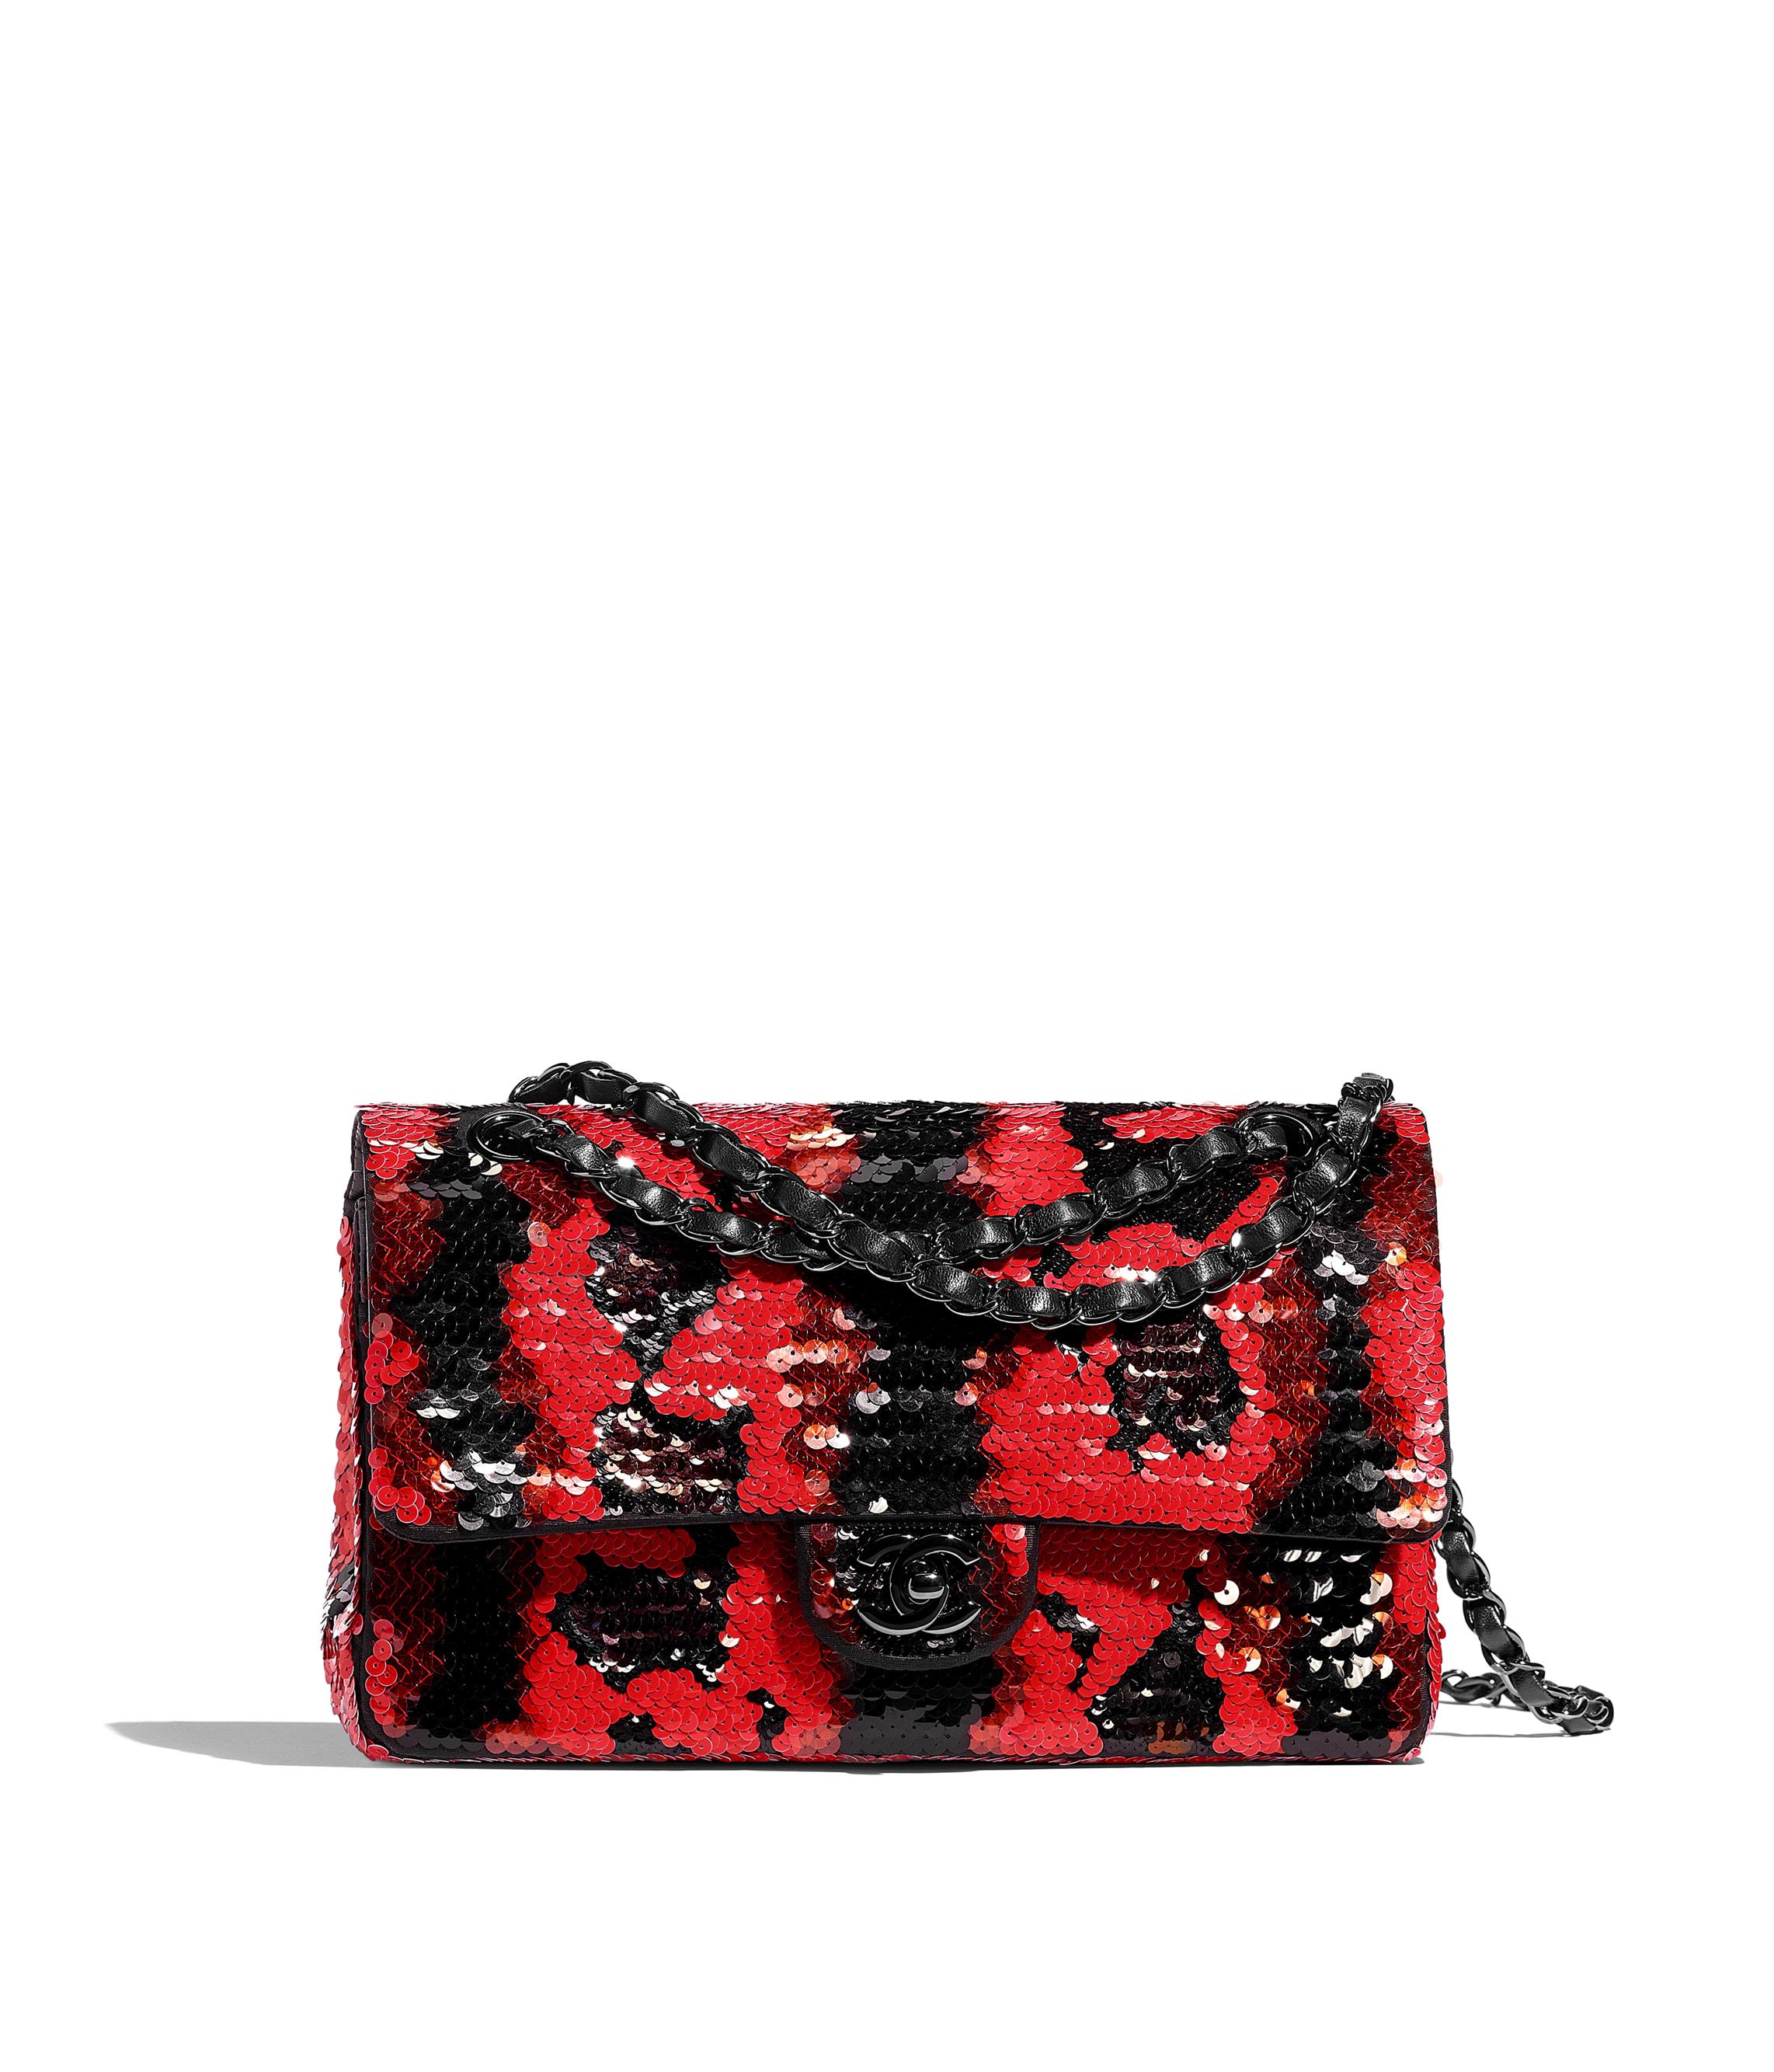 0885c48c9d5d Classic Handbags - Handbags - CHANEL